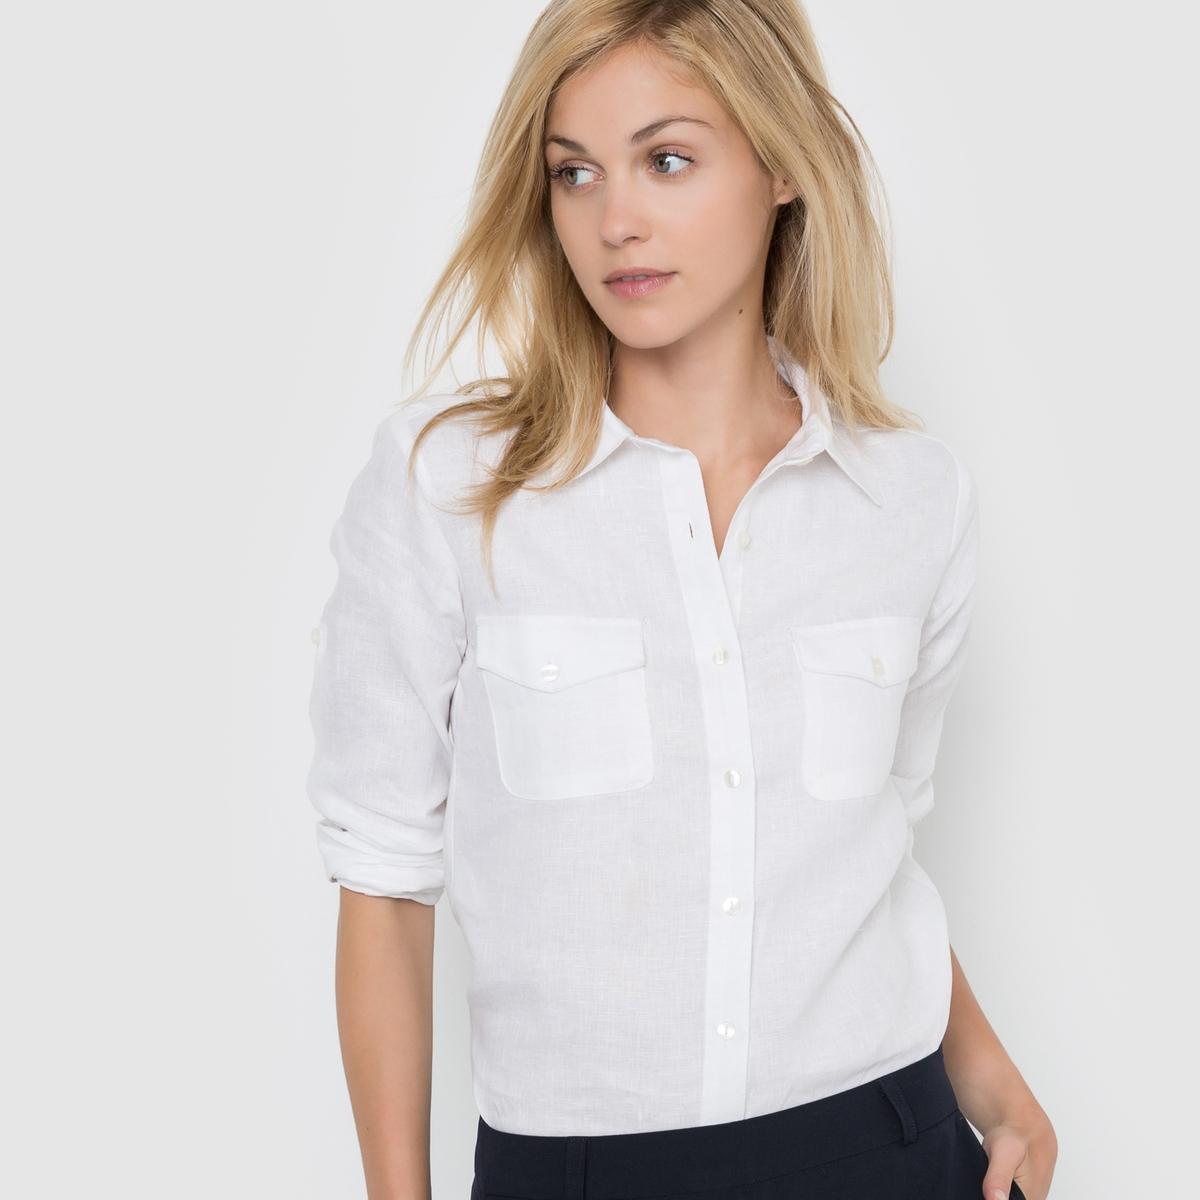 Рубашка с длинными рукавами, 100% ленРубашка из 100% льна. Длинные рукава можно отворачивать. Низ рукавов с пуговицами. Накладные карманы с клапанами на пуговицах. Закругленный низ. Длина ок.67 см.<br><br>Цвет: белый,желто-каштановый,розовый-вишневый,серо-бежевый<br>Размер: 34 (FR) - 40 (RUS)